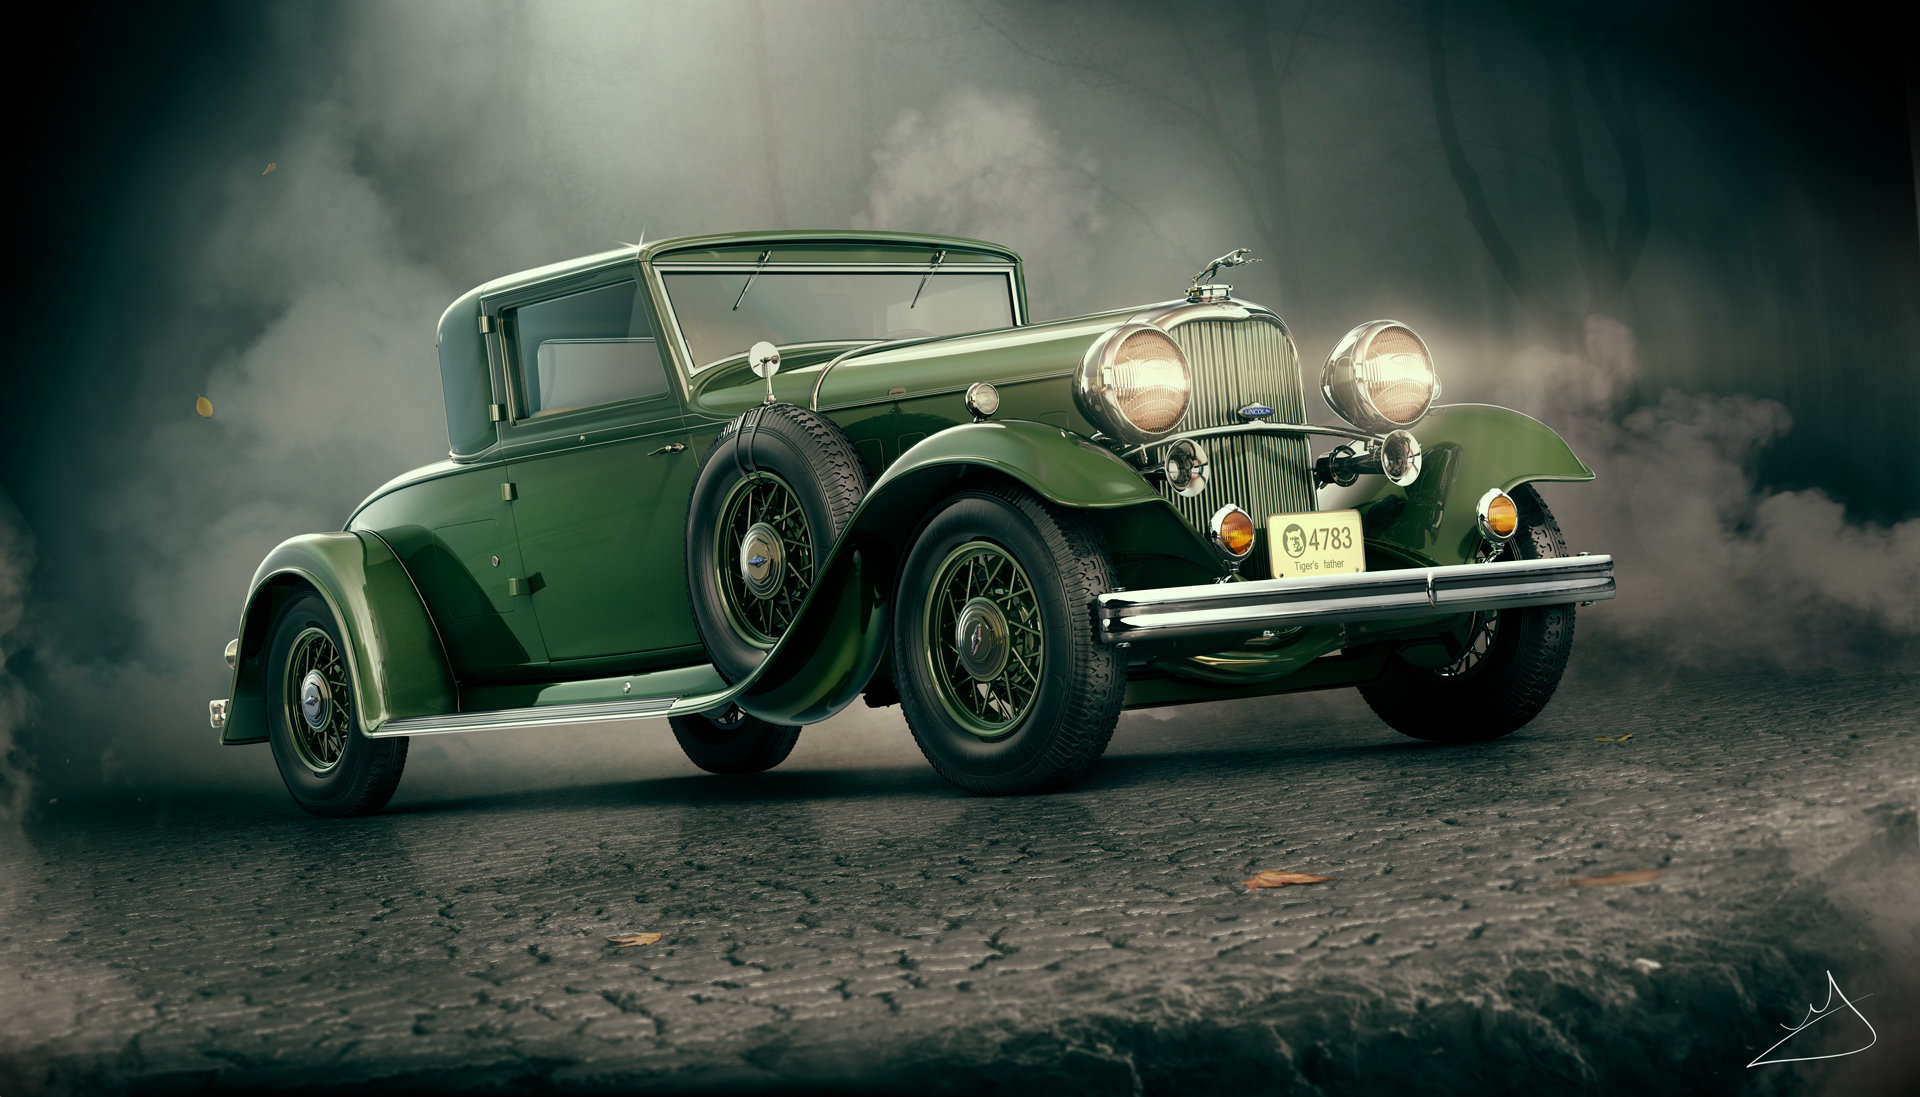 Alexandr novitskiy 1932 lincoln kb coupe 01